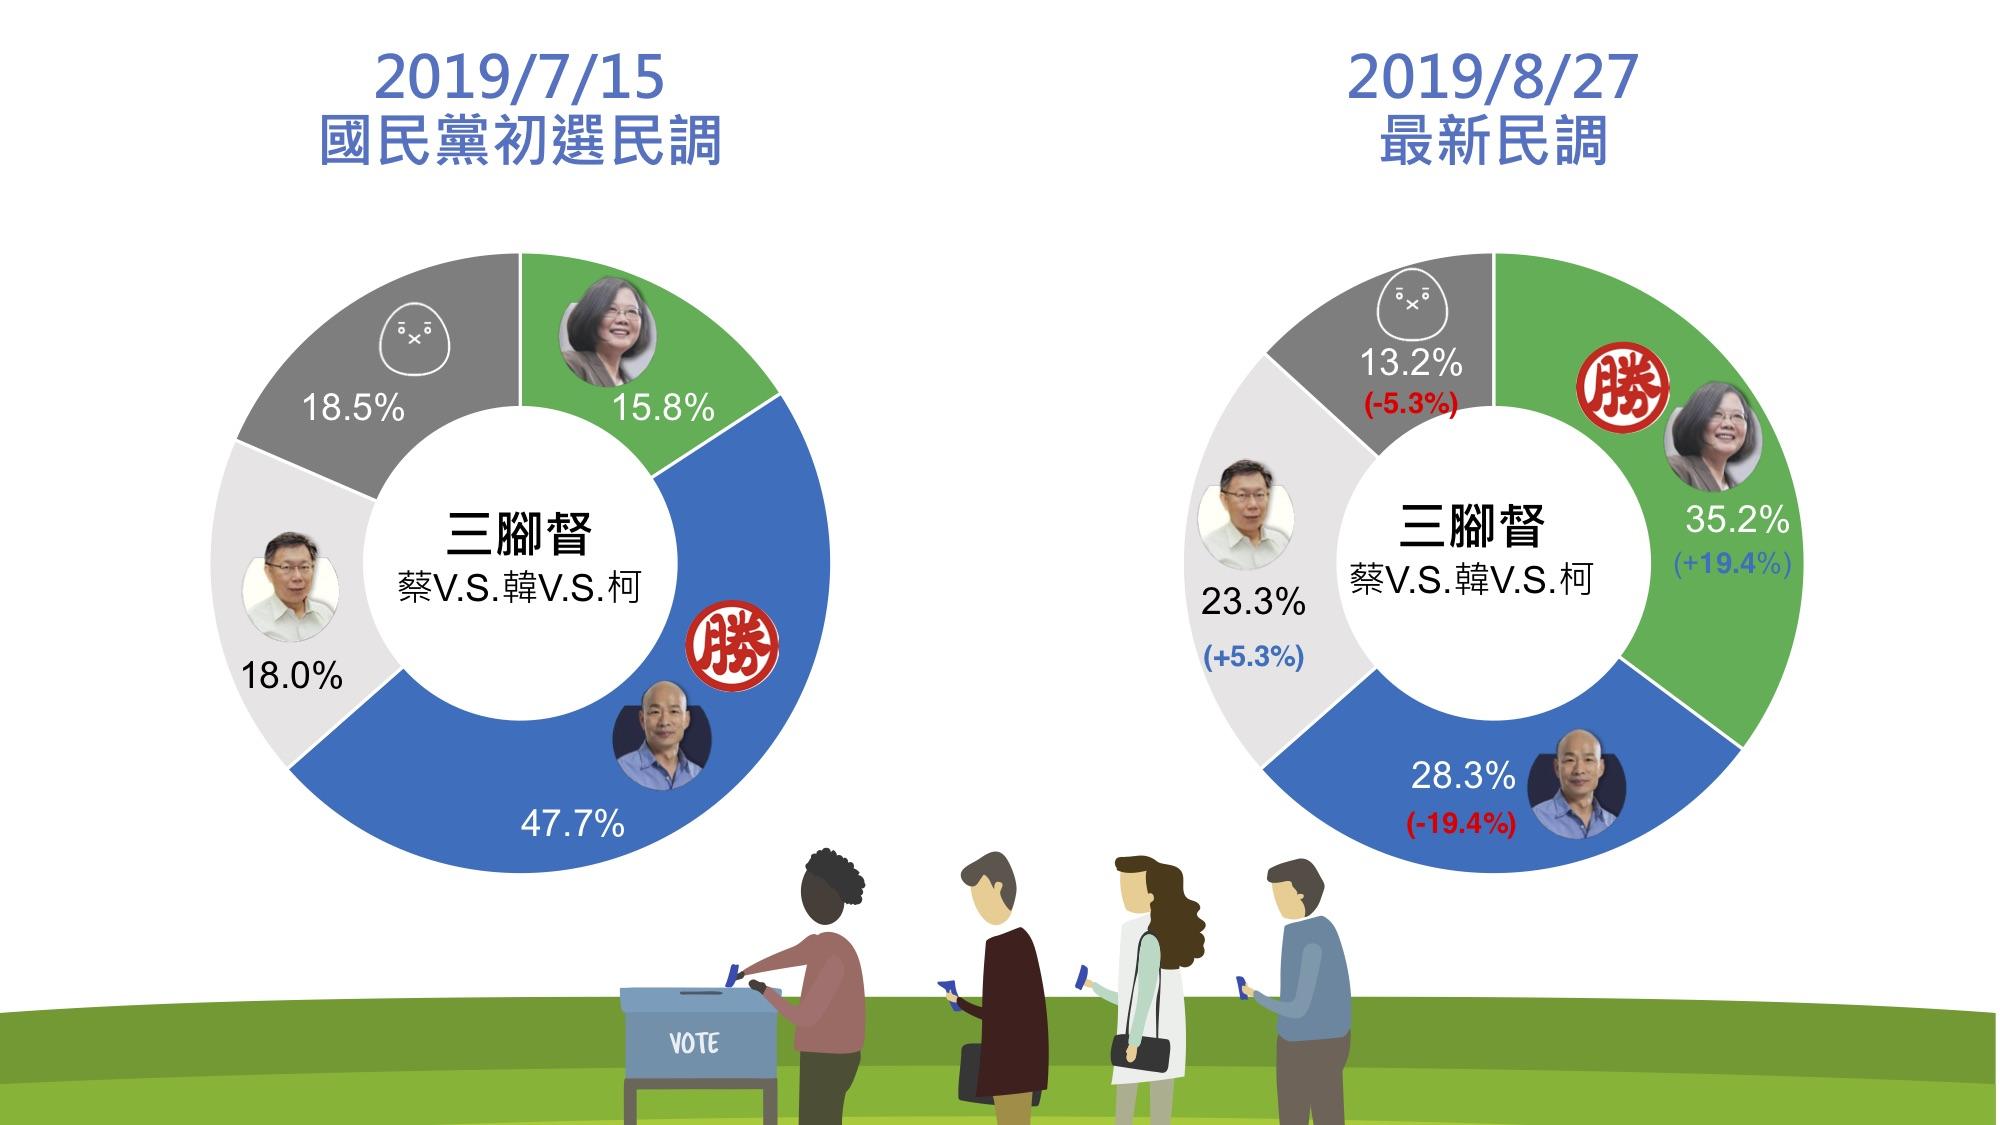 郭台銘陣營公布的民調,與7月中國民黨公布的初選民調結果大相徑庭。